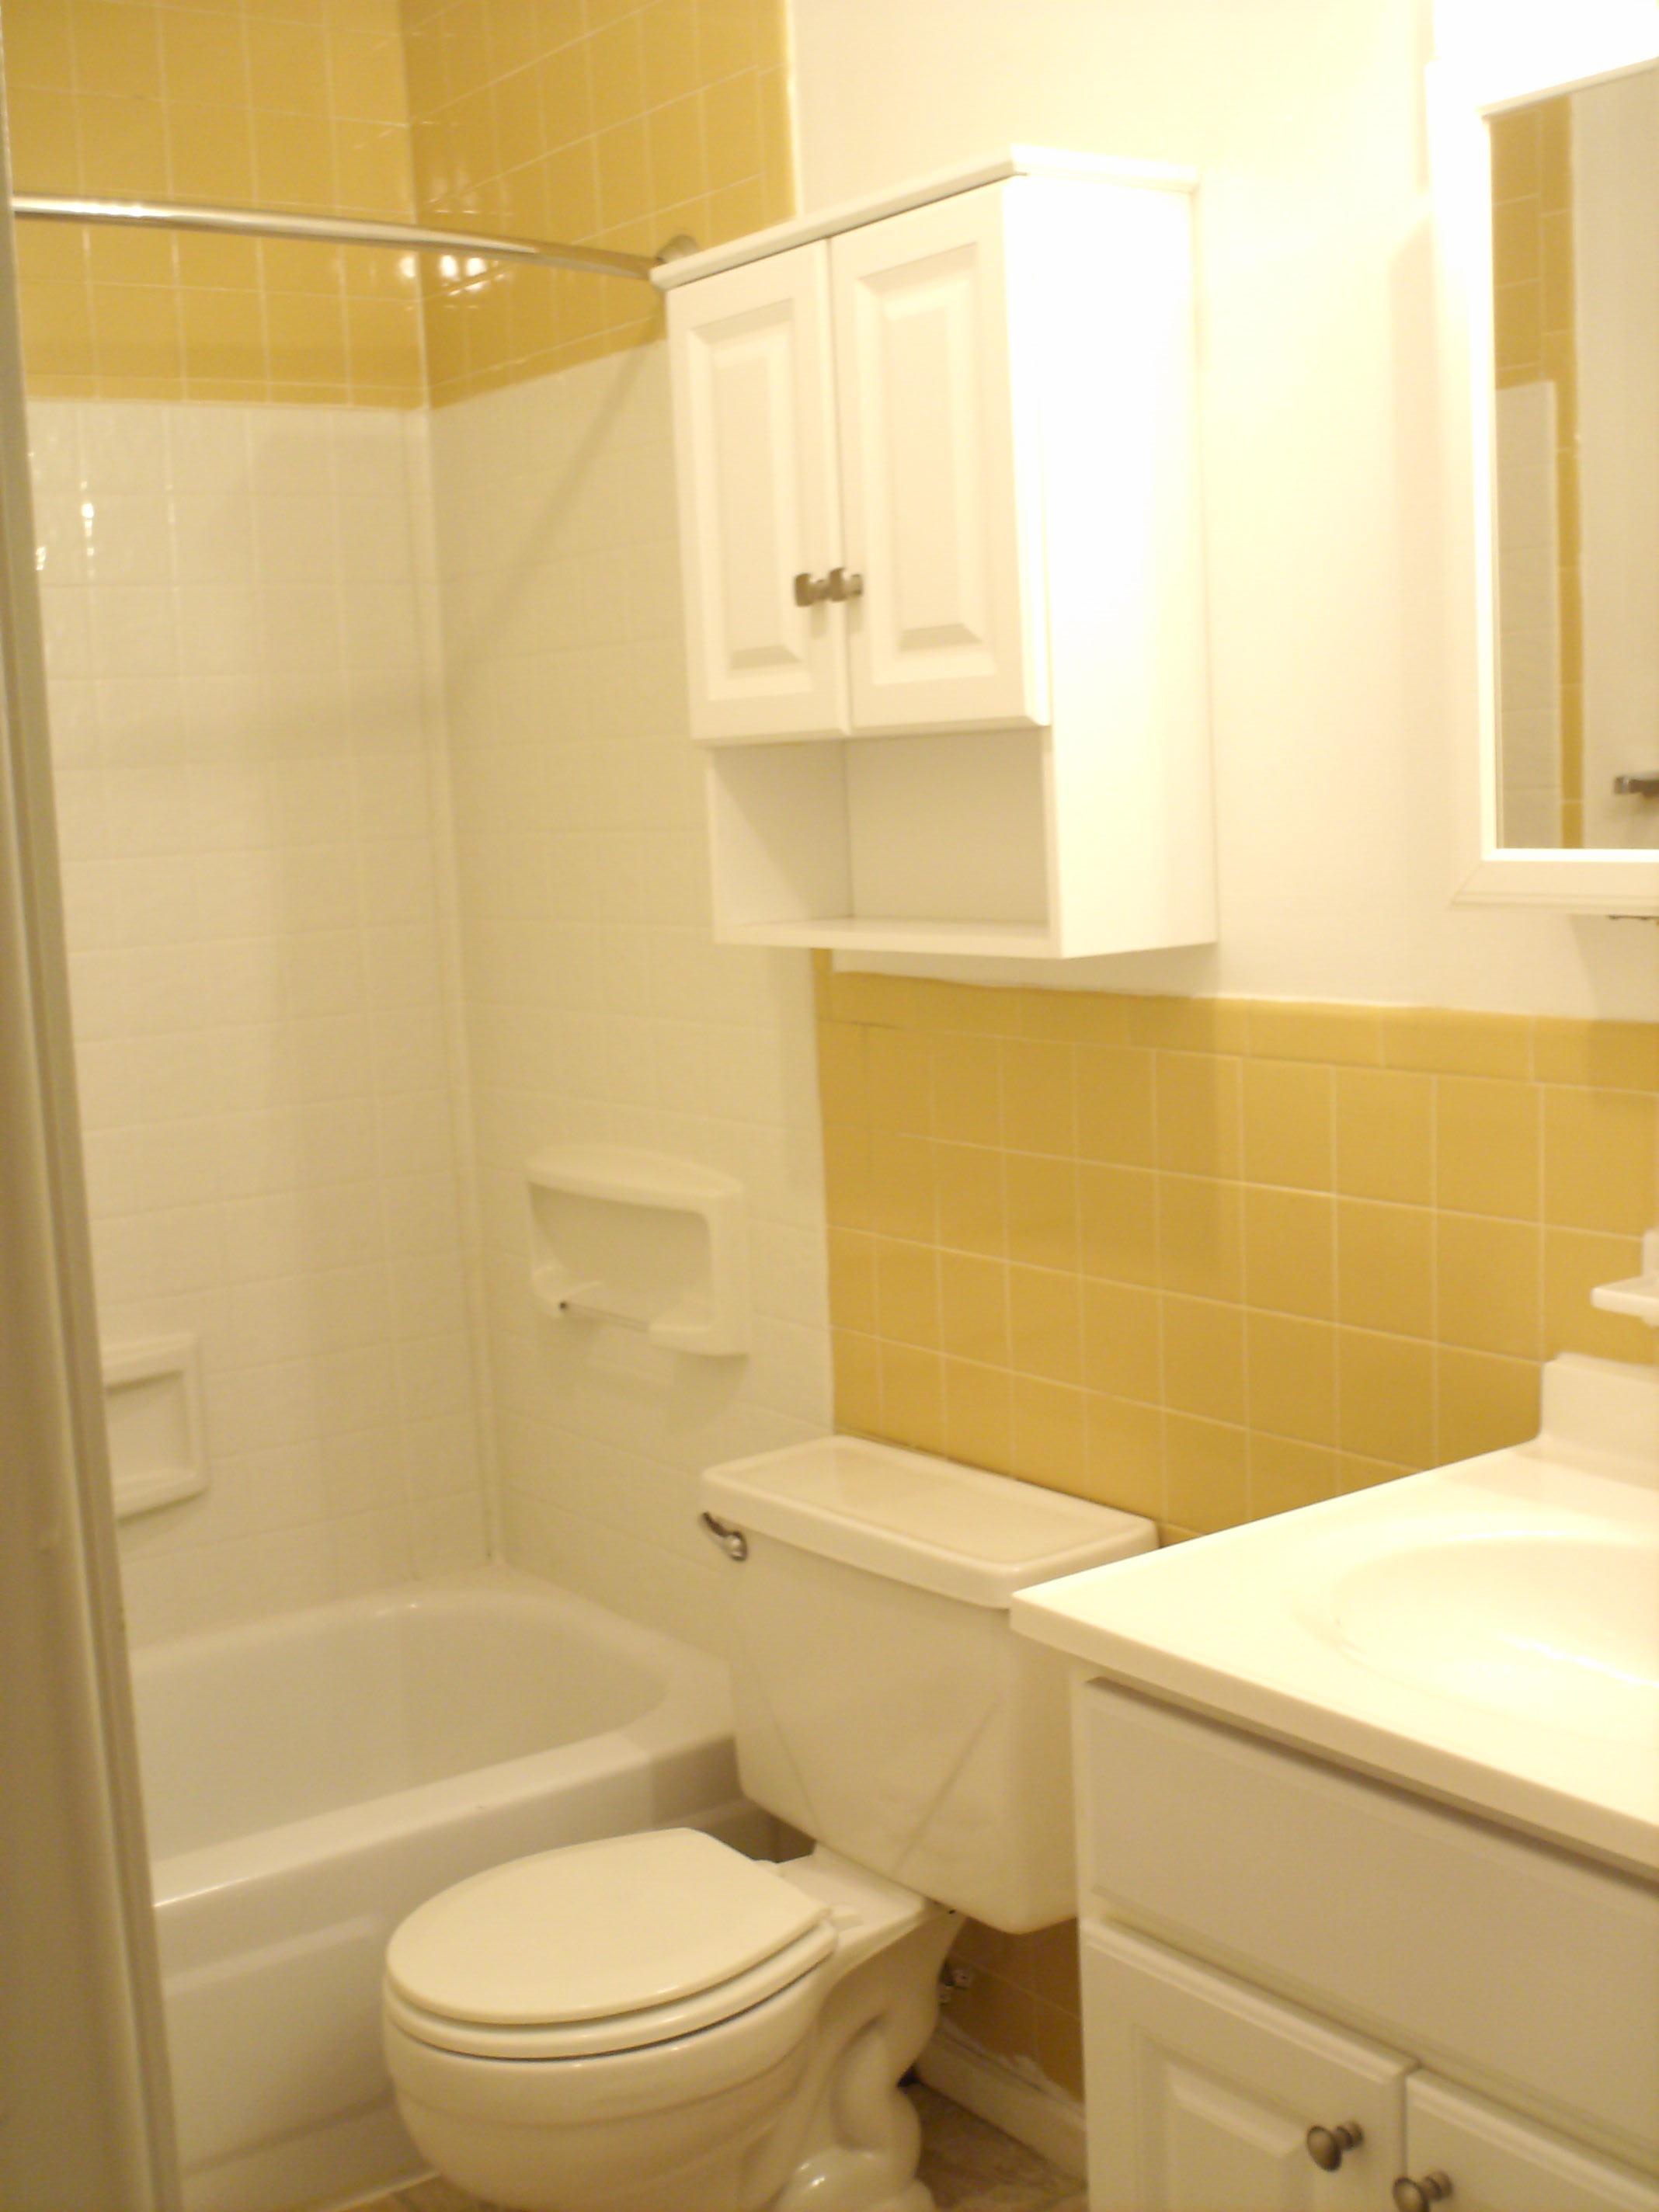 Gaslight apartments in saratoga springs ny 12866 for 19 hamilton terrace nyc